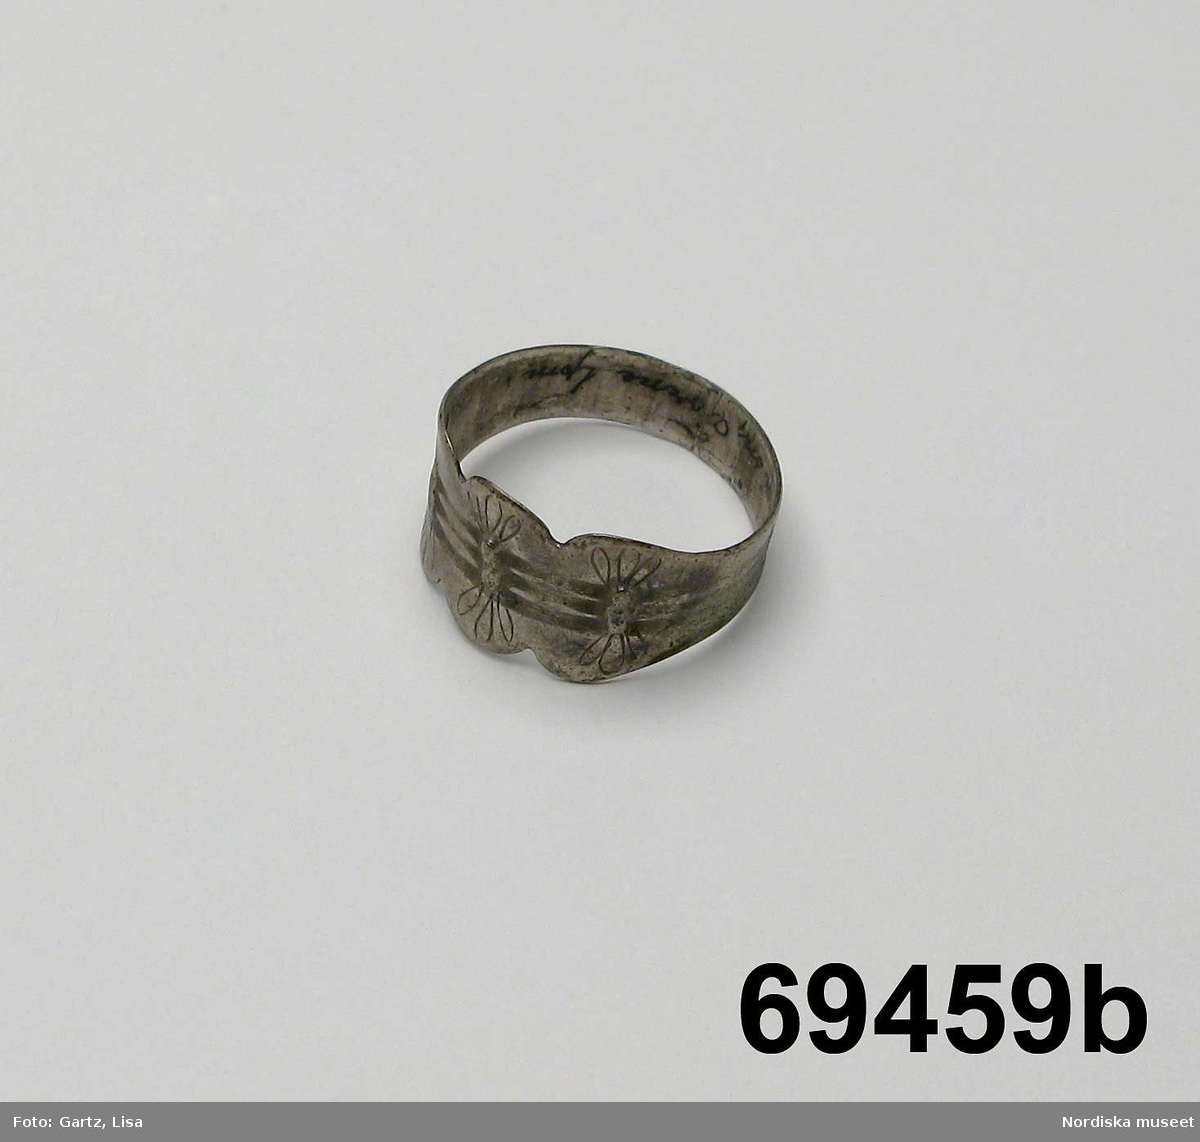 """Huvudliggaren: """"a-b  2 fingerringar fr. Jukkasjärvi sn, Torne lappmark. Af silfver. a. Stämpl: 'T 13 1/3 H H 79 [Båda H:na i skrivstil].' b. Stämpl: 'J O D. T5. h  o o [h:et i frakturstil och ovanför de två små ringarna vilar en tredje] Har tillhört en jukkasjärvilapp. G[åva] af handlande E. Wikman i Vittangi. Bil. Samzelius 162."""""""